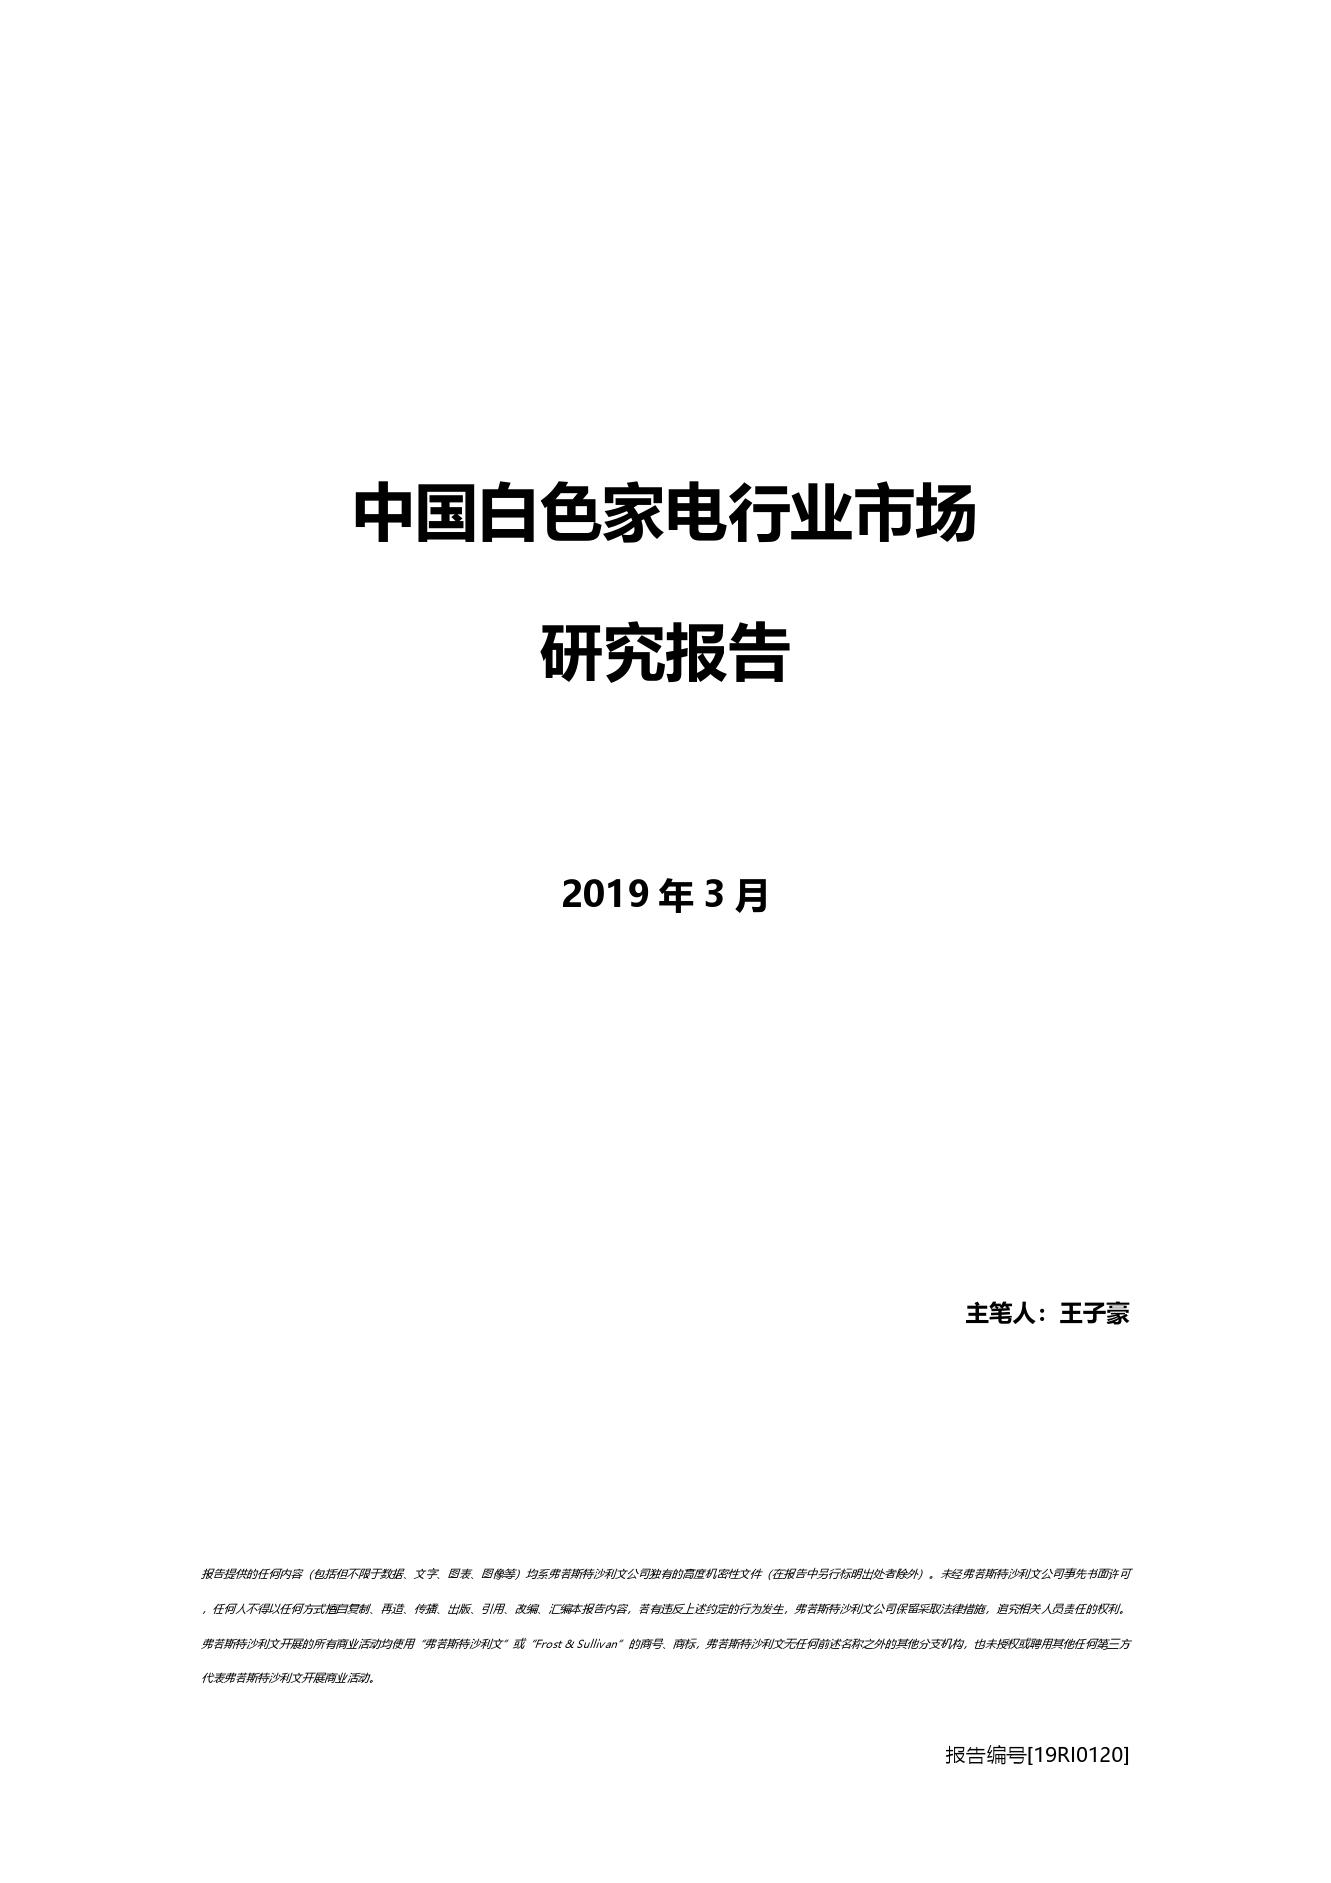 沙利文:2019中国白色家电行业市场研究(附下载)